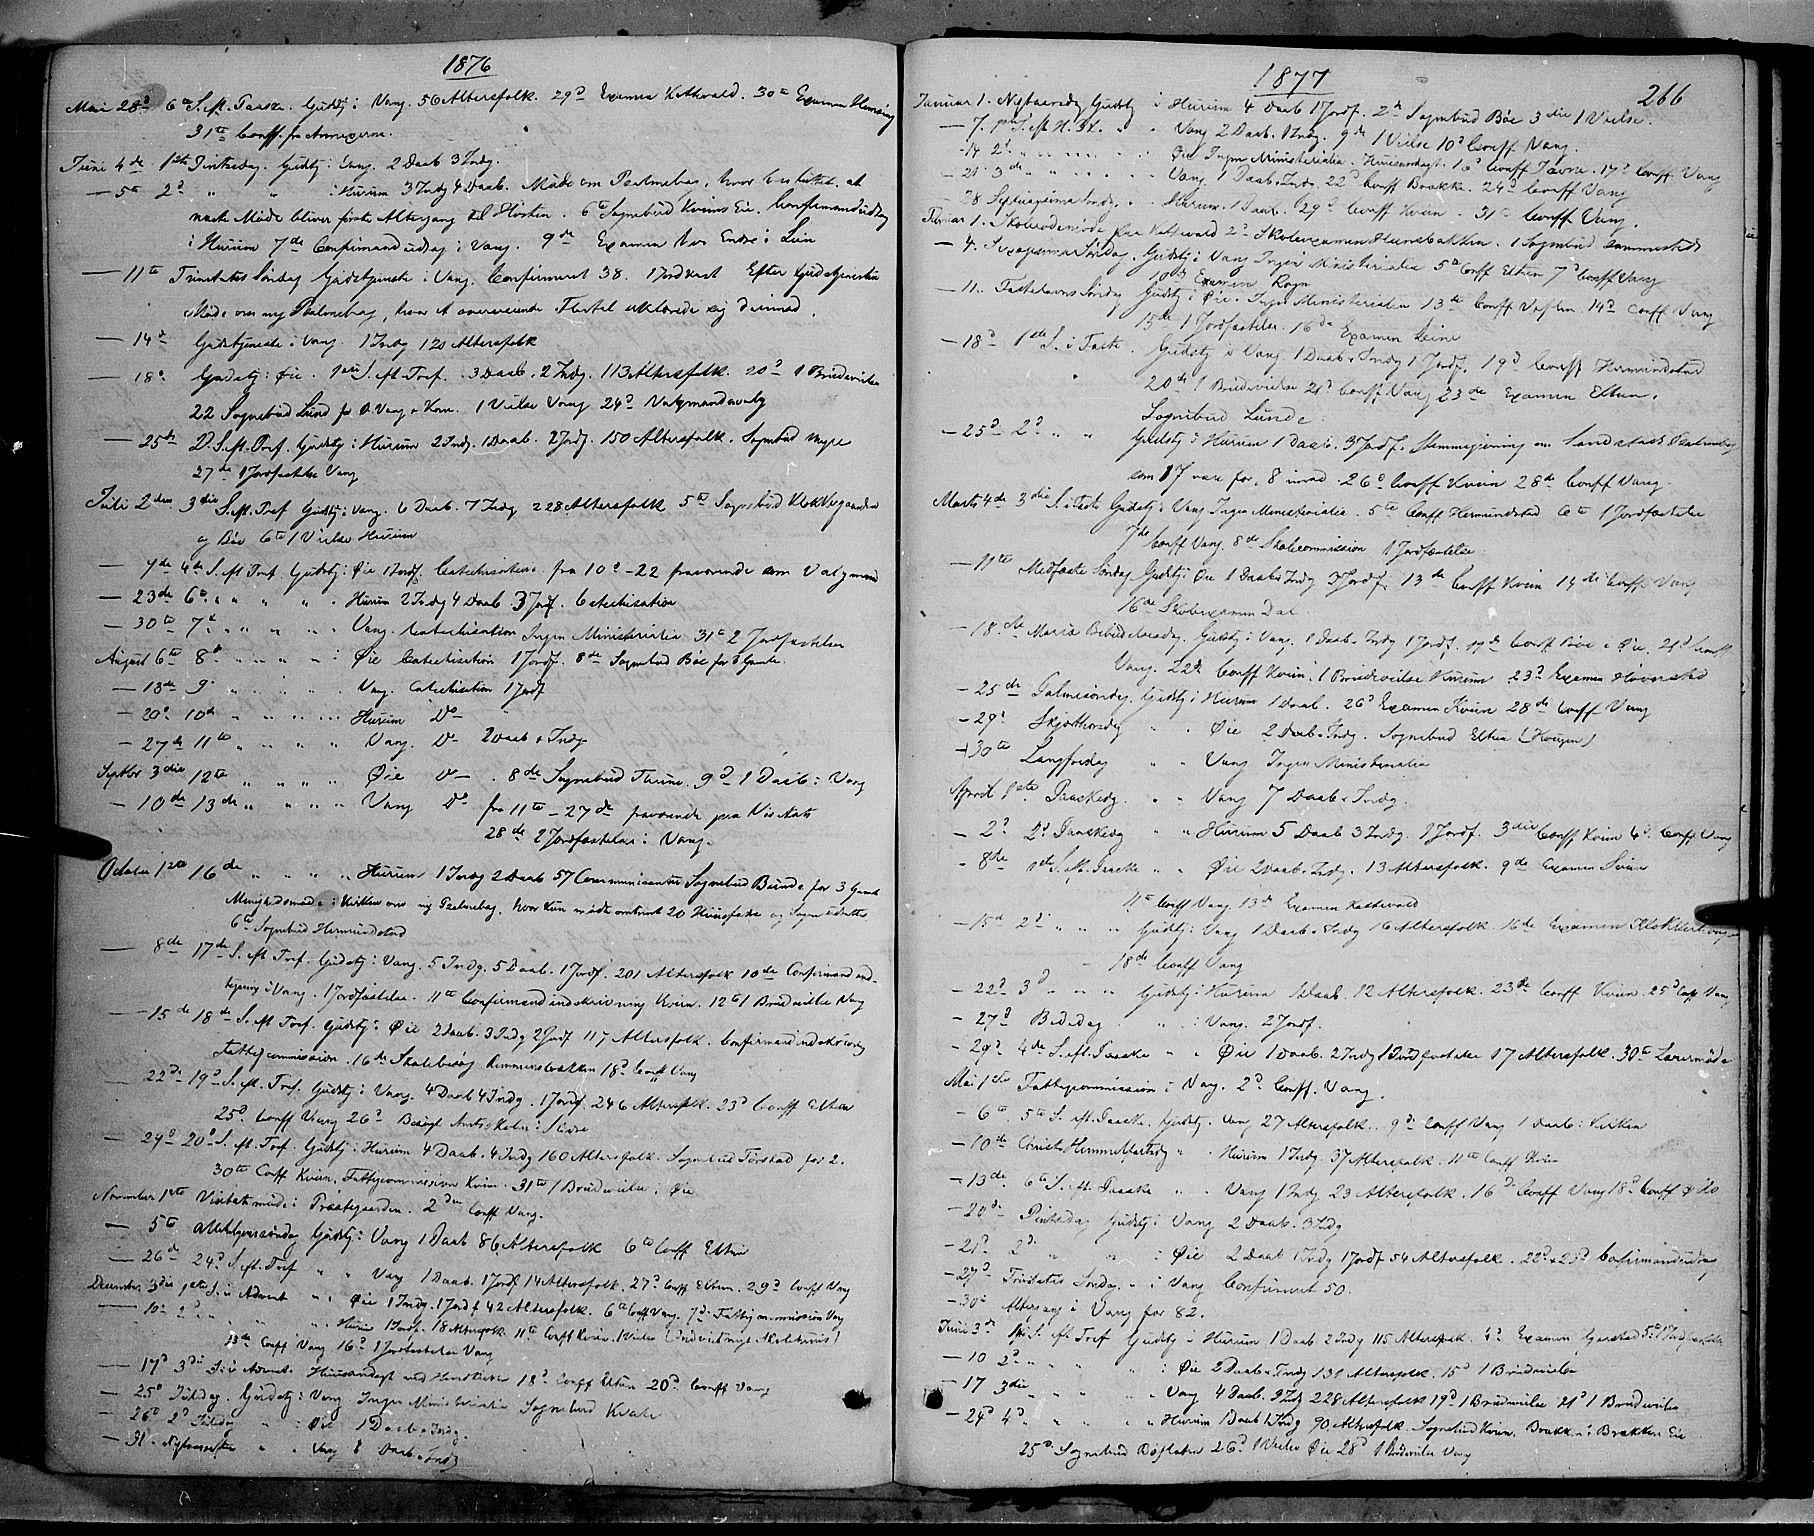 SAH, Vang prestekontor, Valdres, Ministerialbok nr. 7, 1865-1881, s. 266